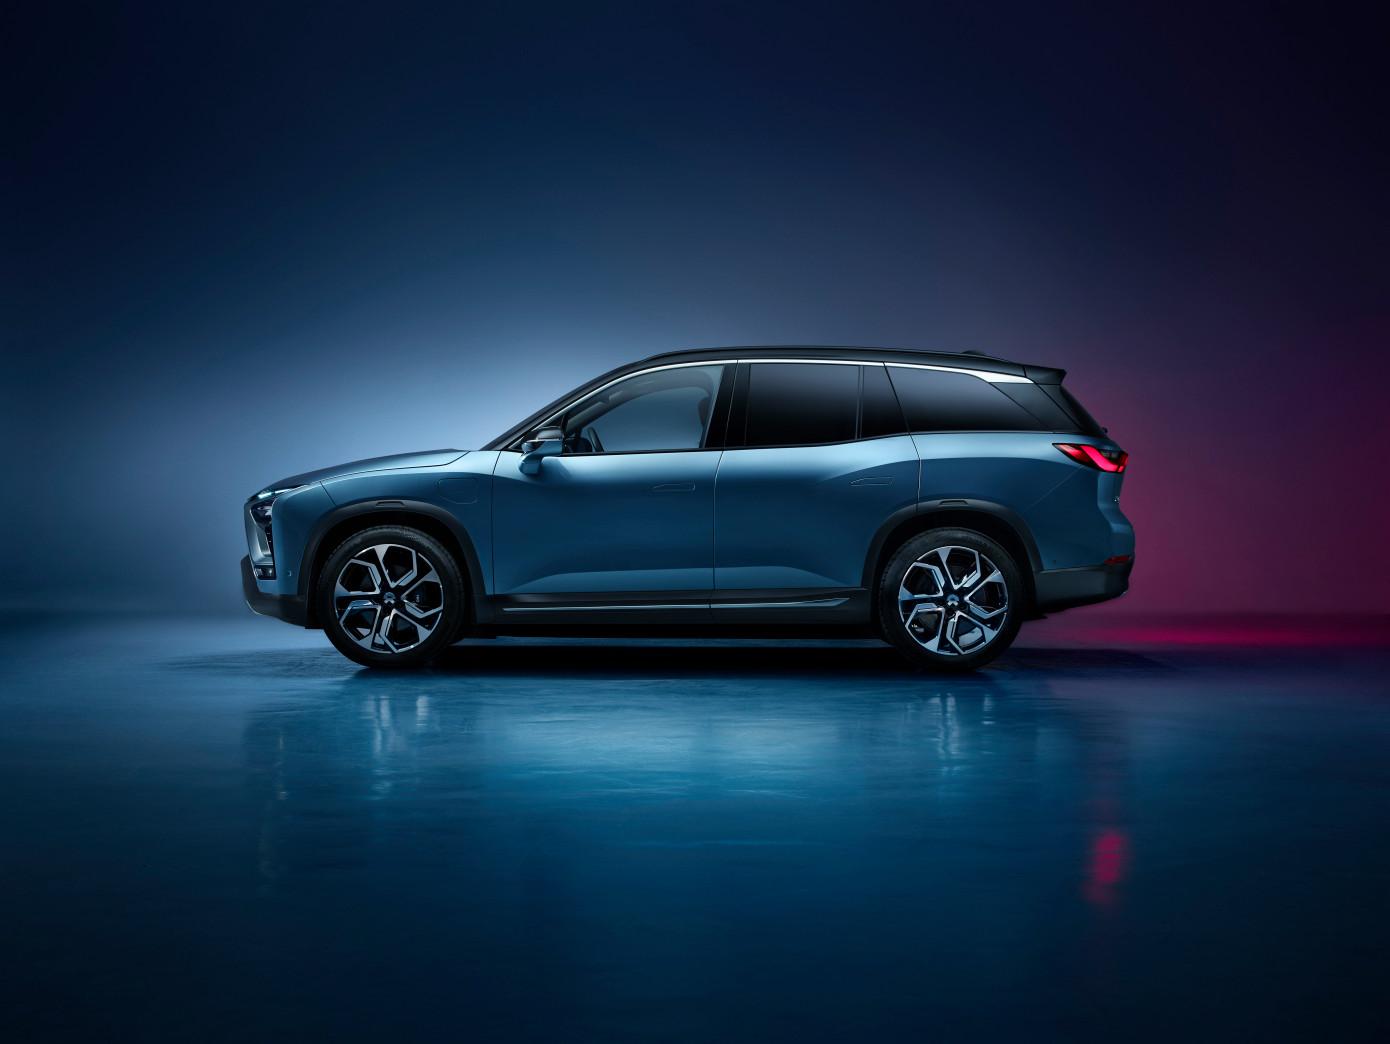 Nio电动汽车销售受到打击因为它急于处理电池召回